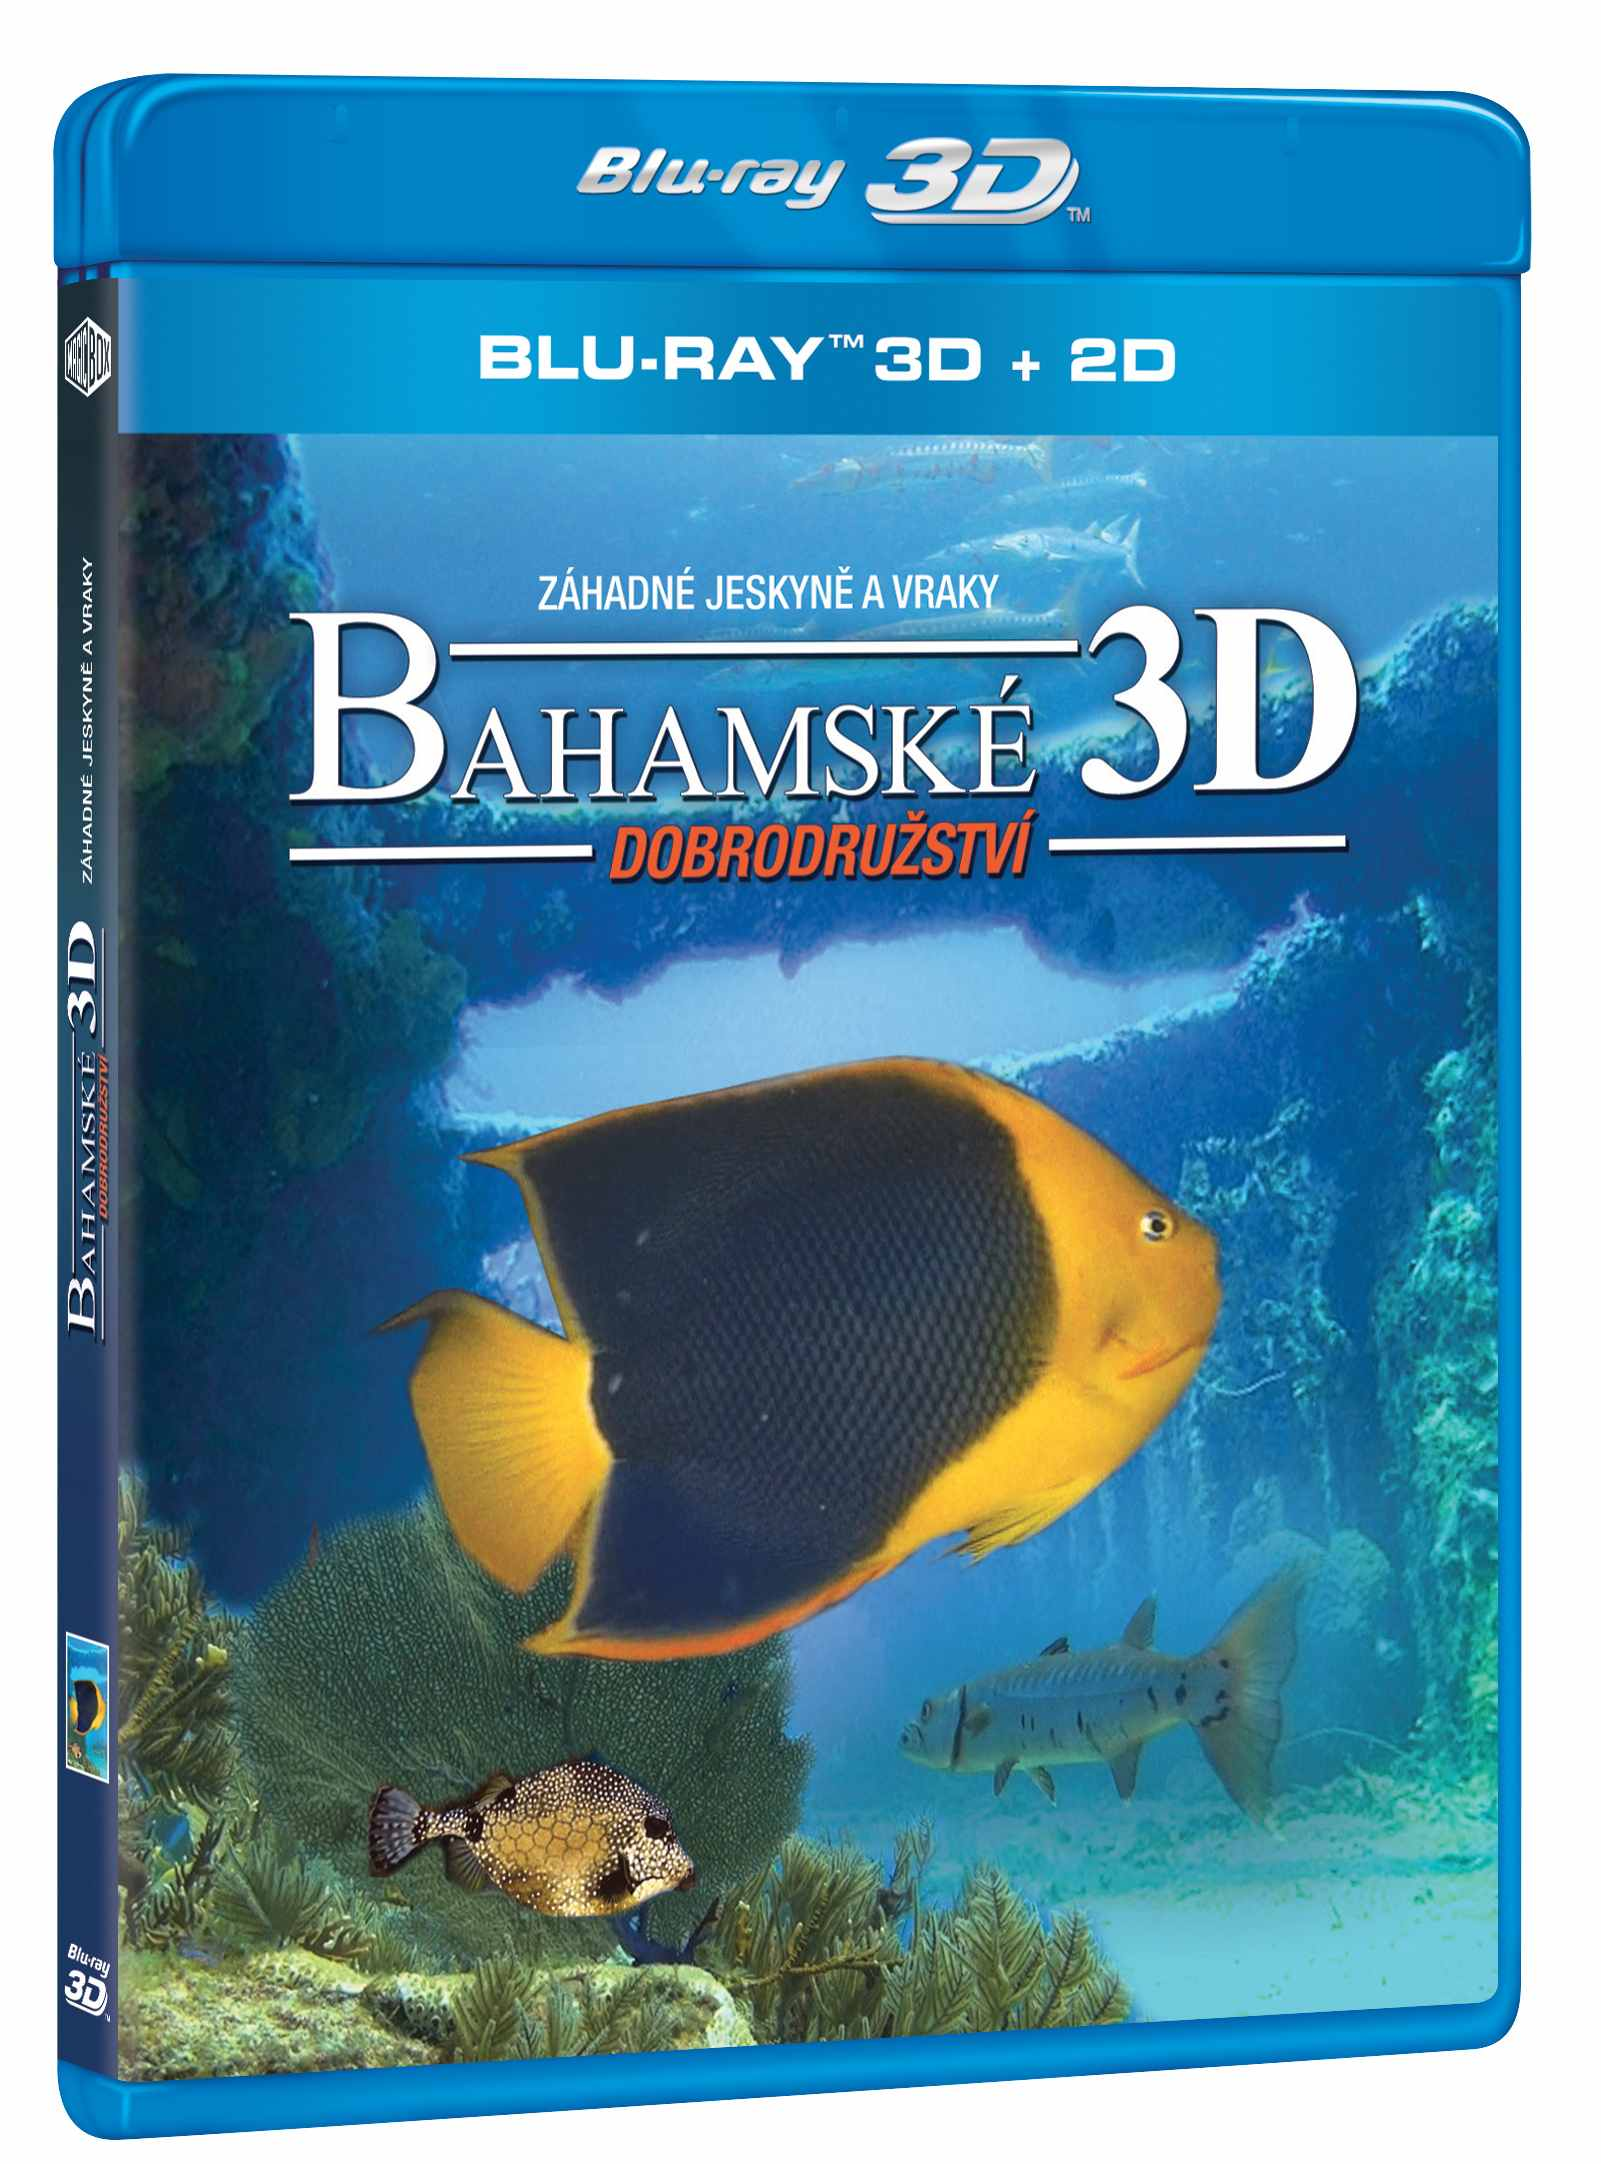 BAHAMSKÉ DOBRODRUŽSTVÍ 3D: Záhadné jeskyně a vraky - Blu-ray 3D + 2D